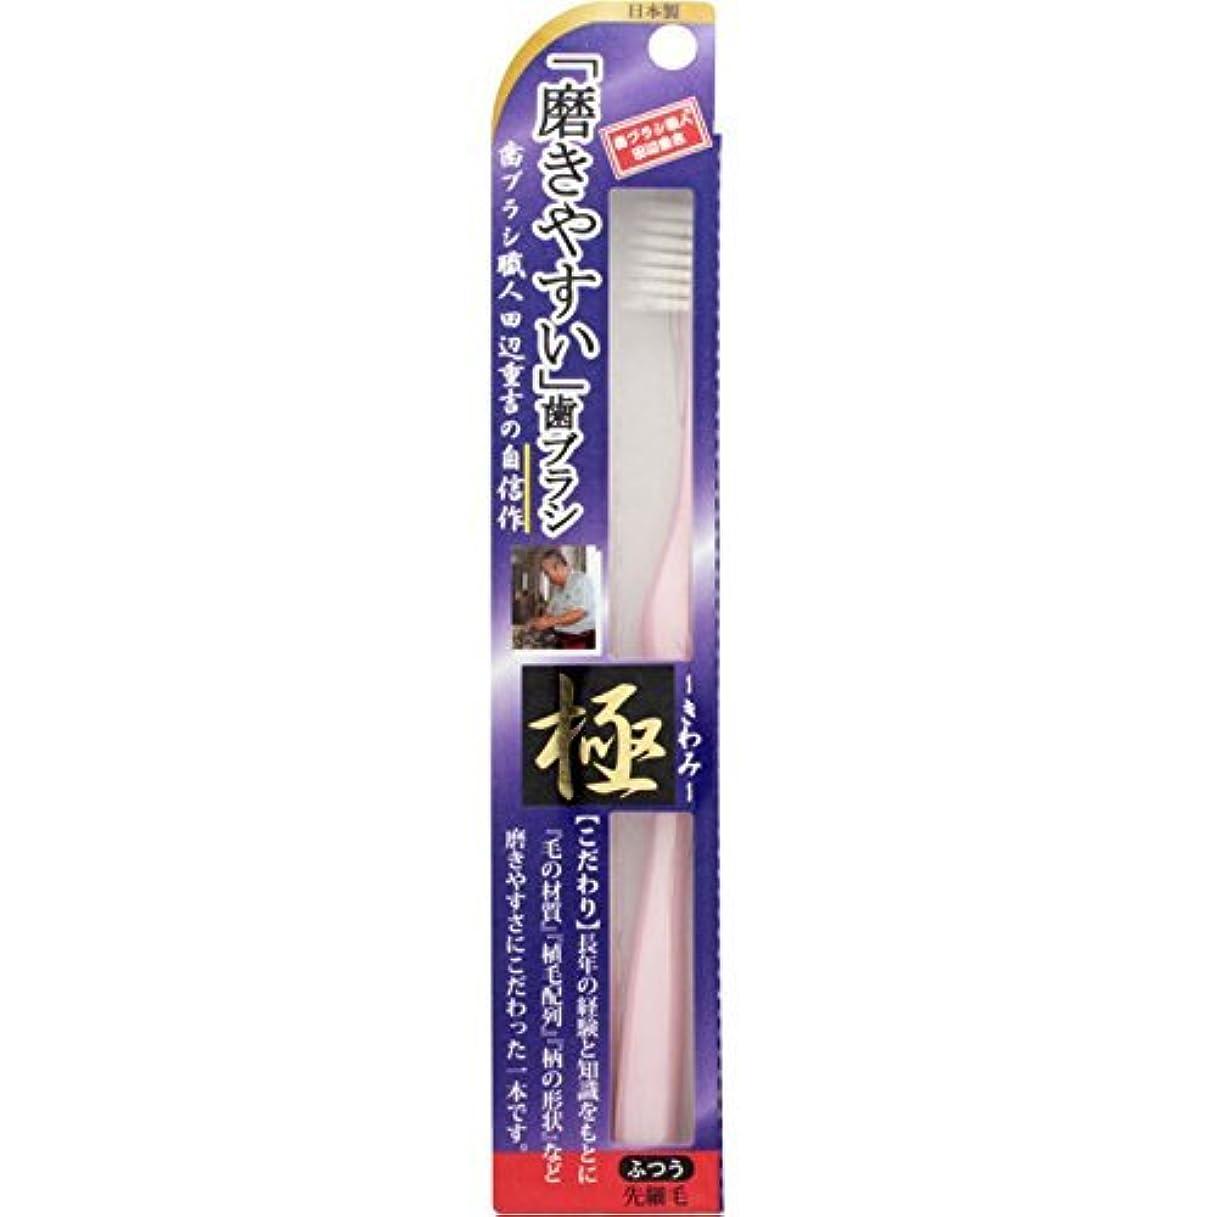 ミュウミュウインフルエンザ揃える【まとめ買い】磨きやすい歯ブラシ 極 LT-22 ×8個